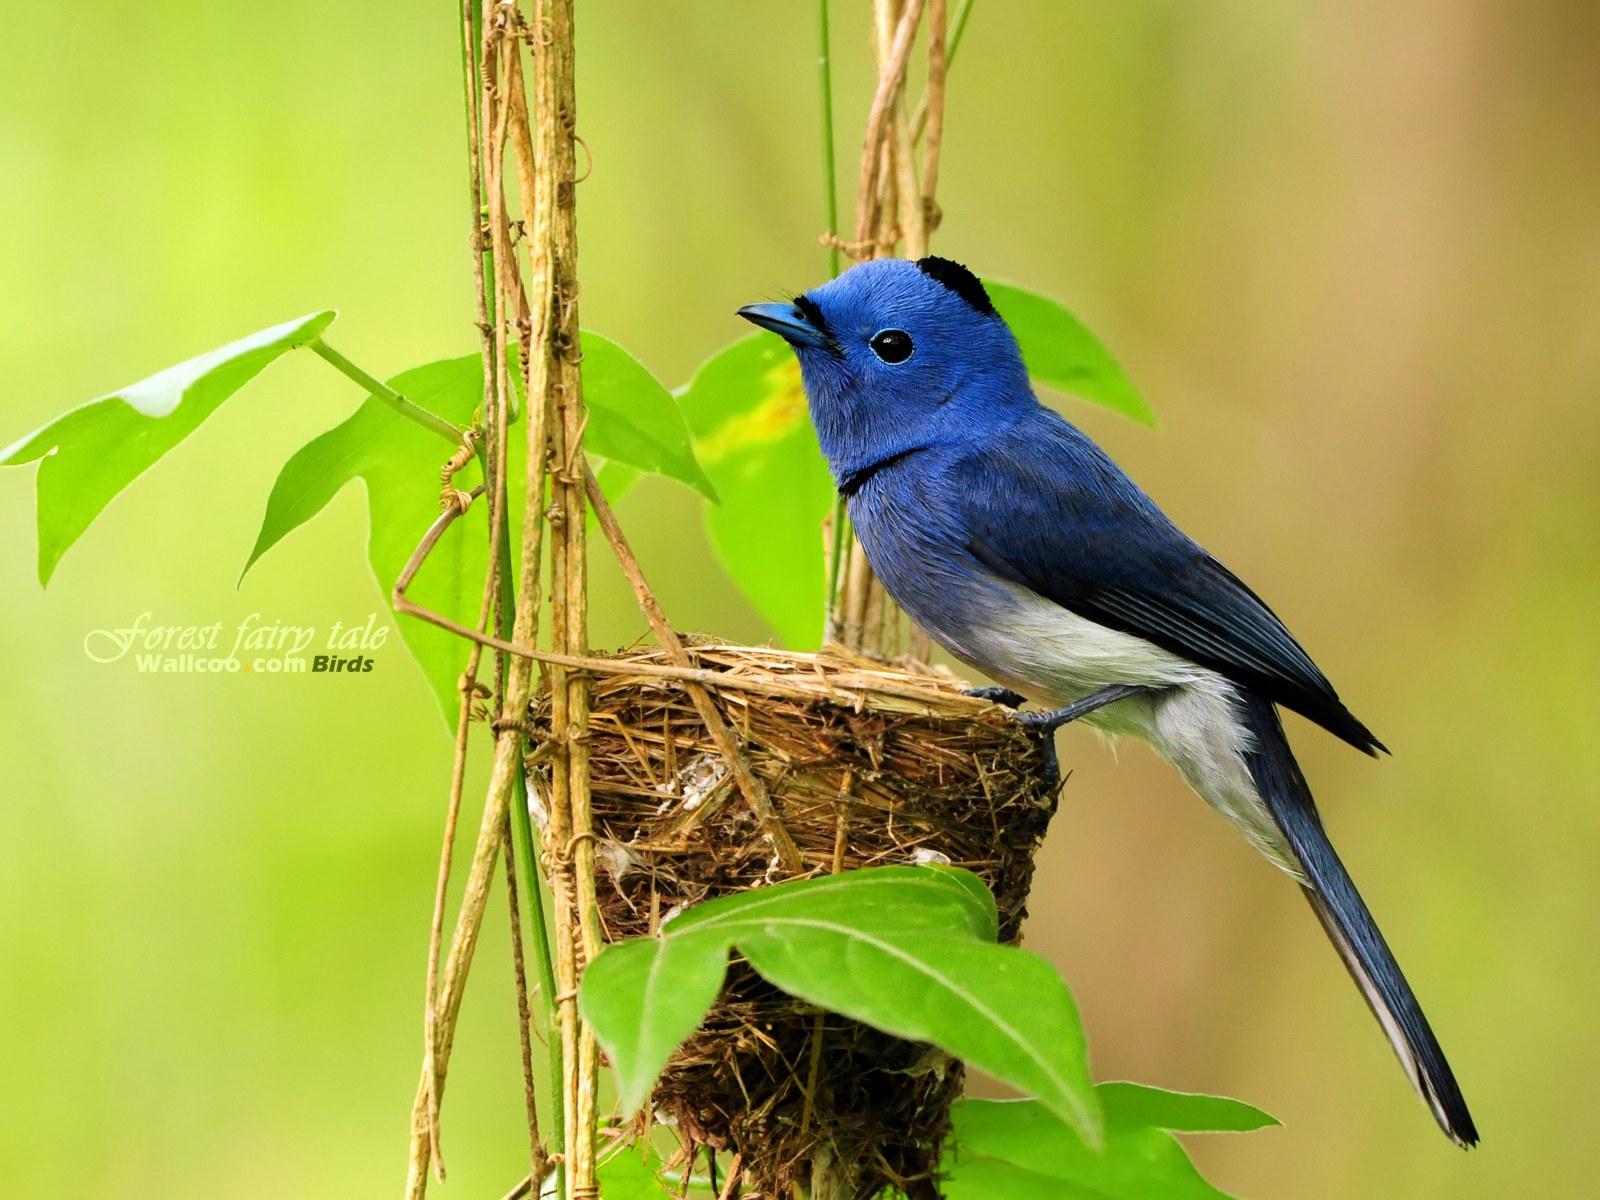 壁纸 可爱 小鸟/树林里的小精灵春天可爱小鸟壁纸 宝蓝色可爱小鸟黑枕蓝鹟小鸟...